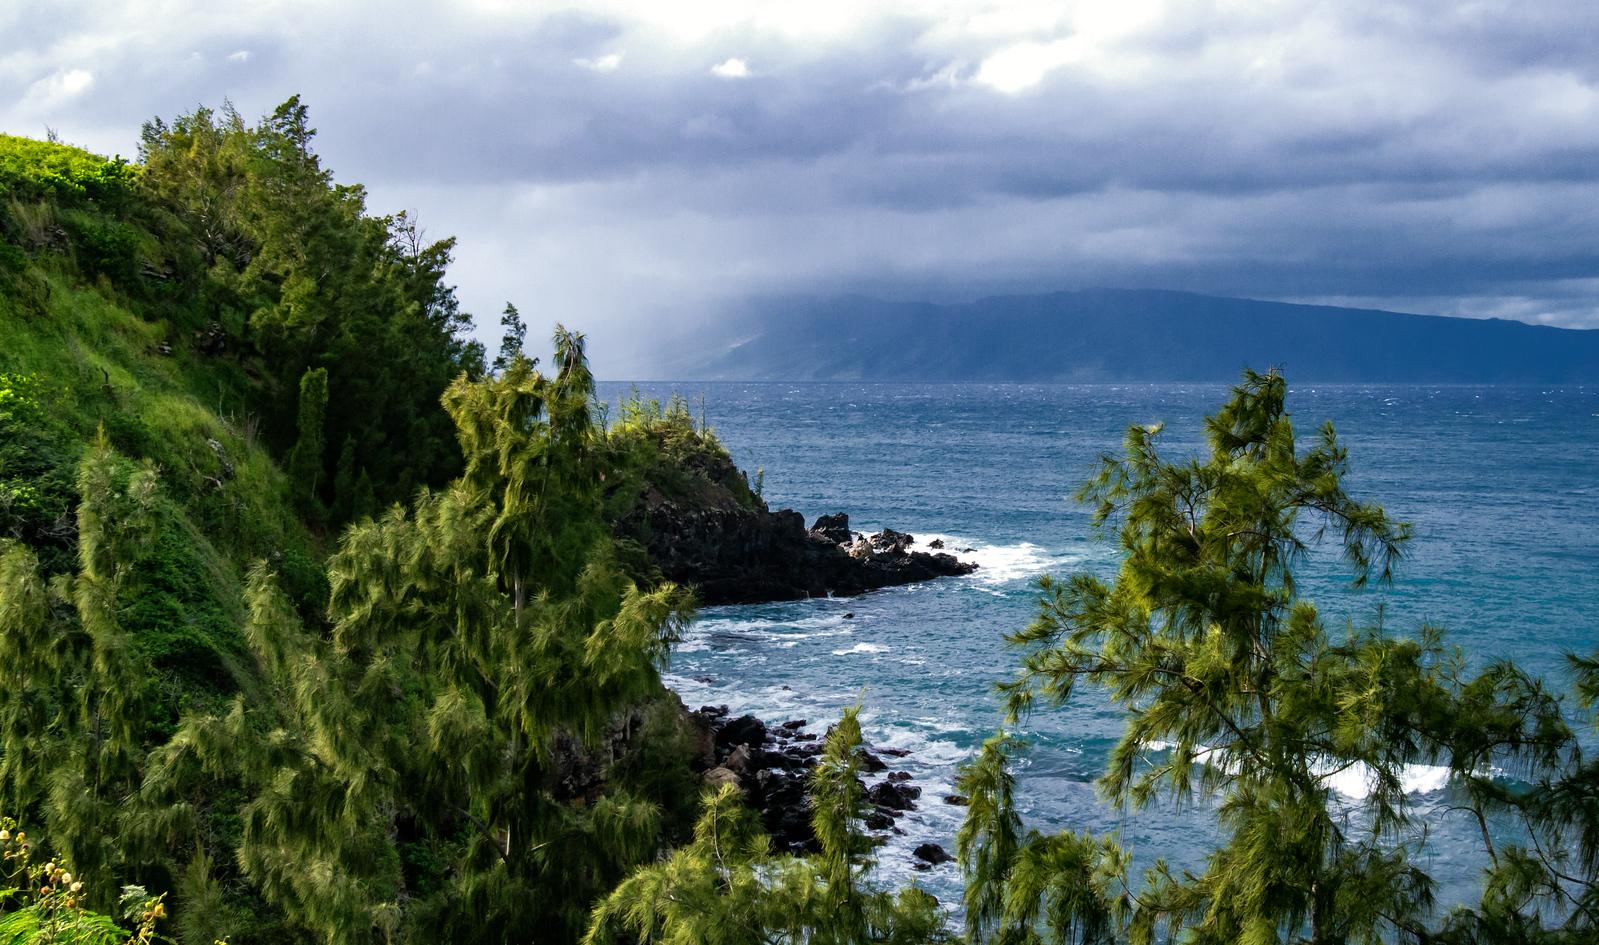 Molokai from Honolua Bay